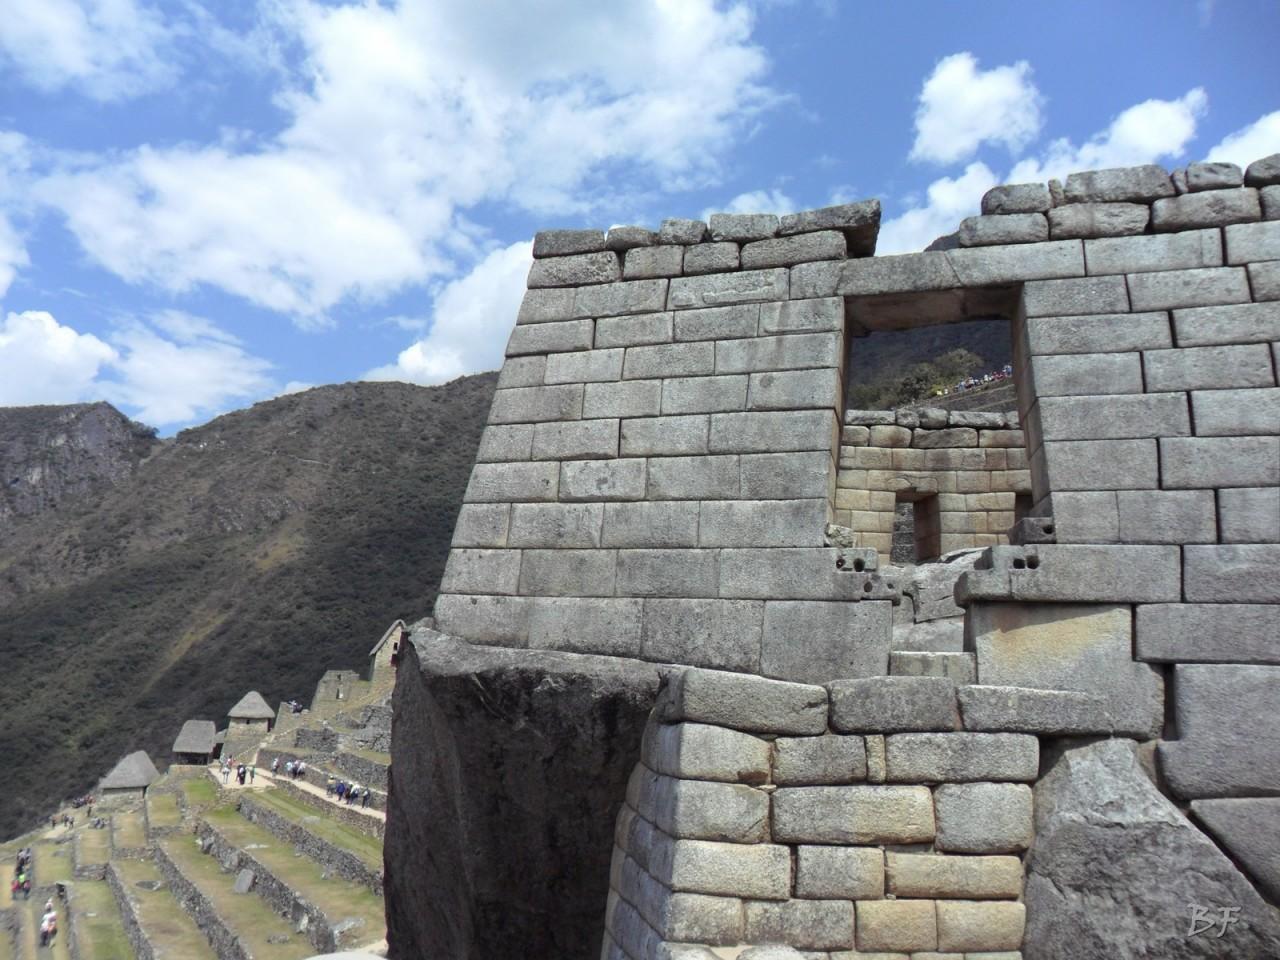 Mura-Poligonali-Incisioni-Altari-Edifici-Rupestri-Megaliti-Machu-Picchu-Aguas-Calientes-Urubamba-Cusco-Perù-151